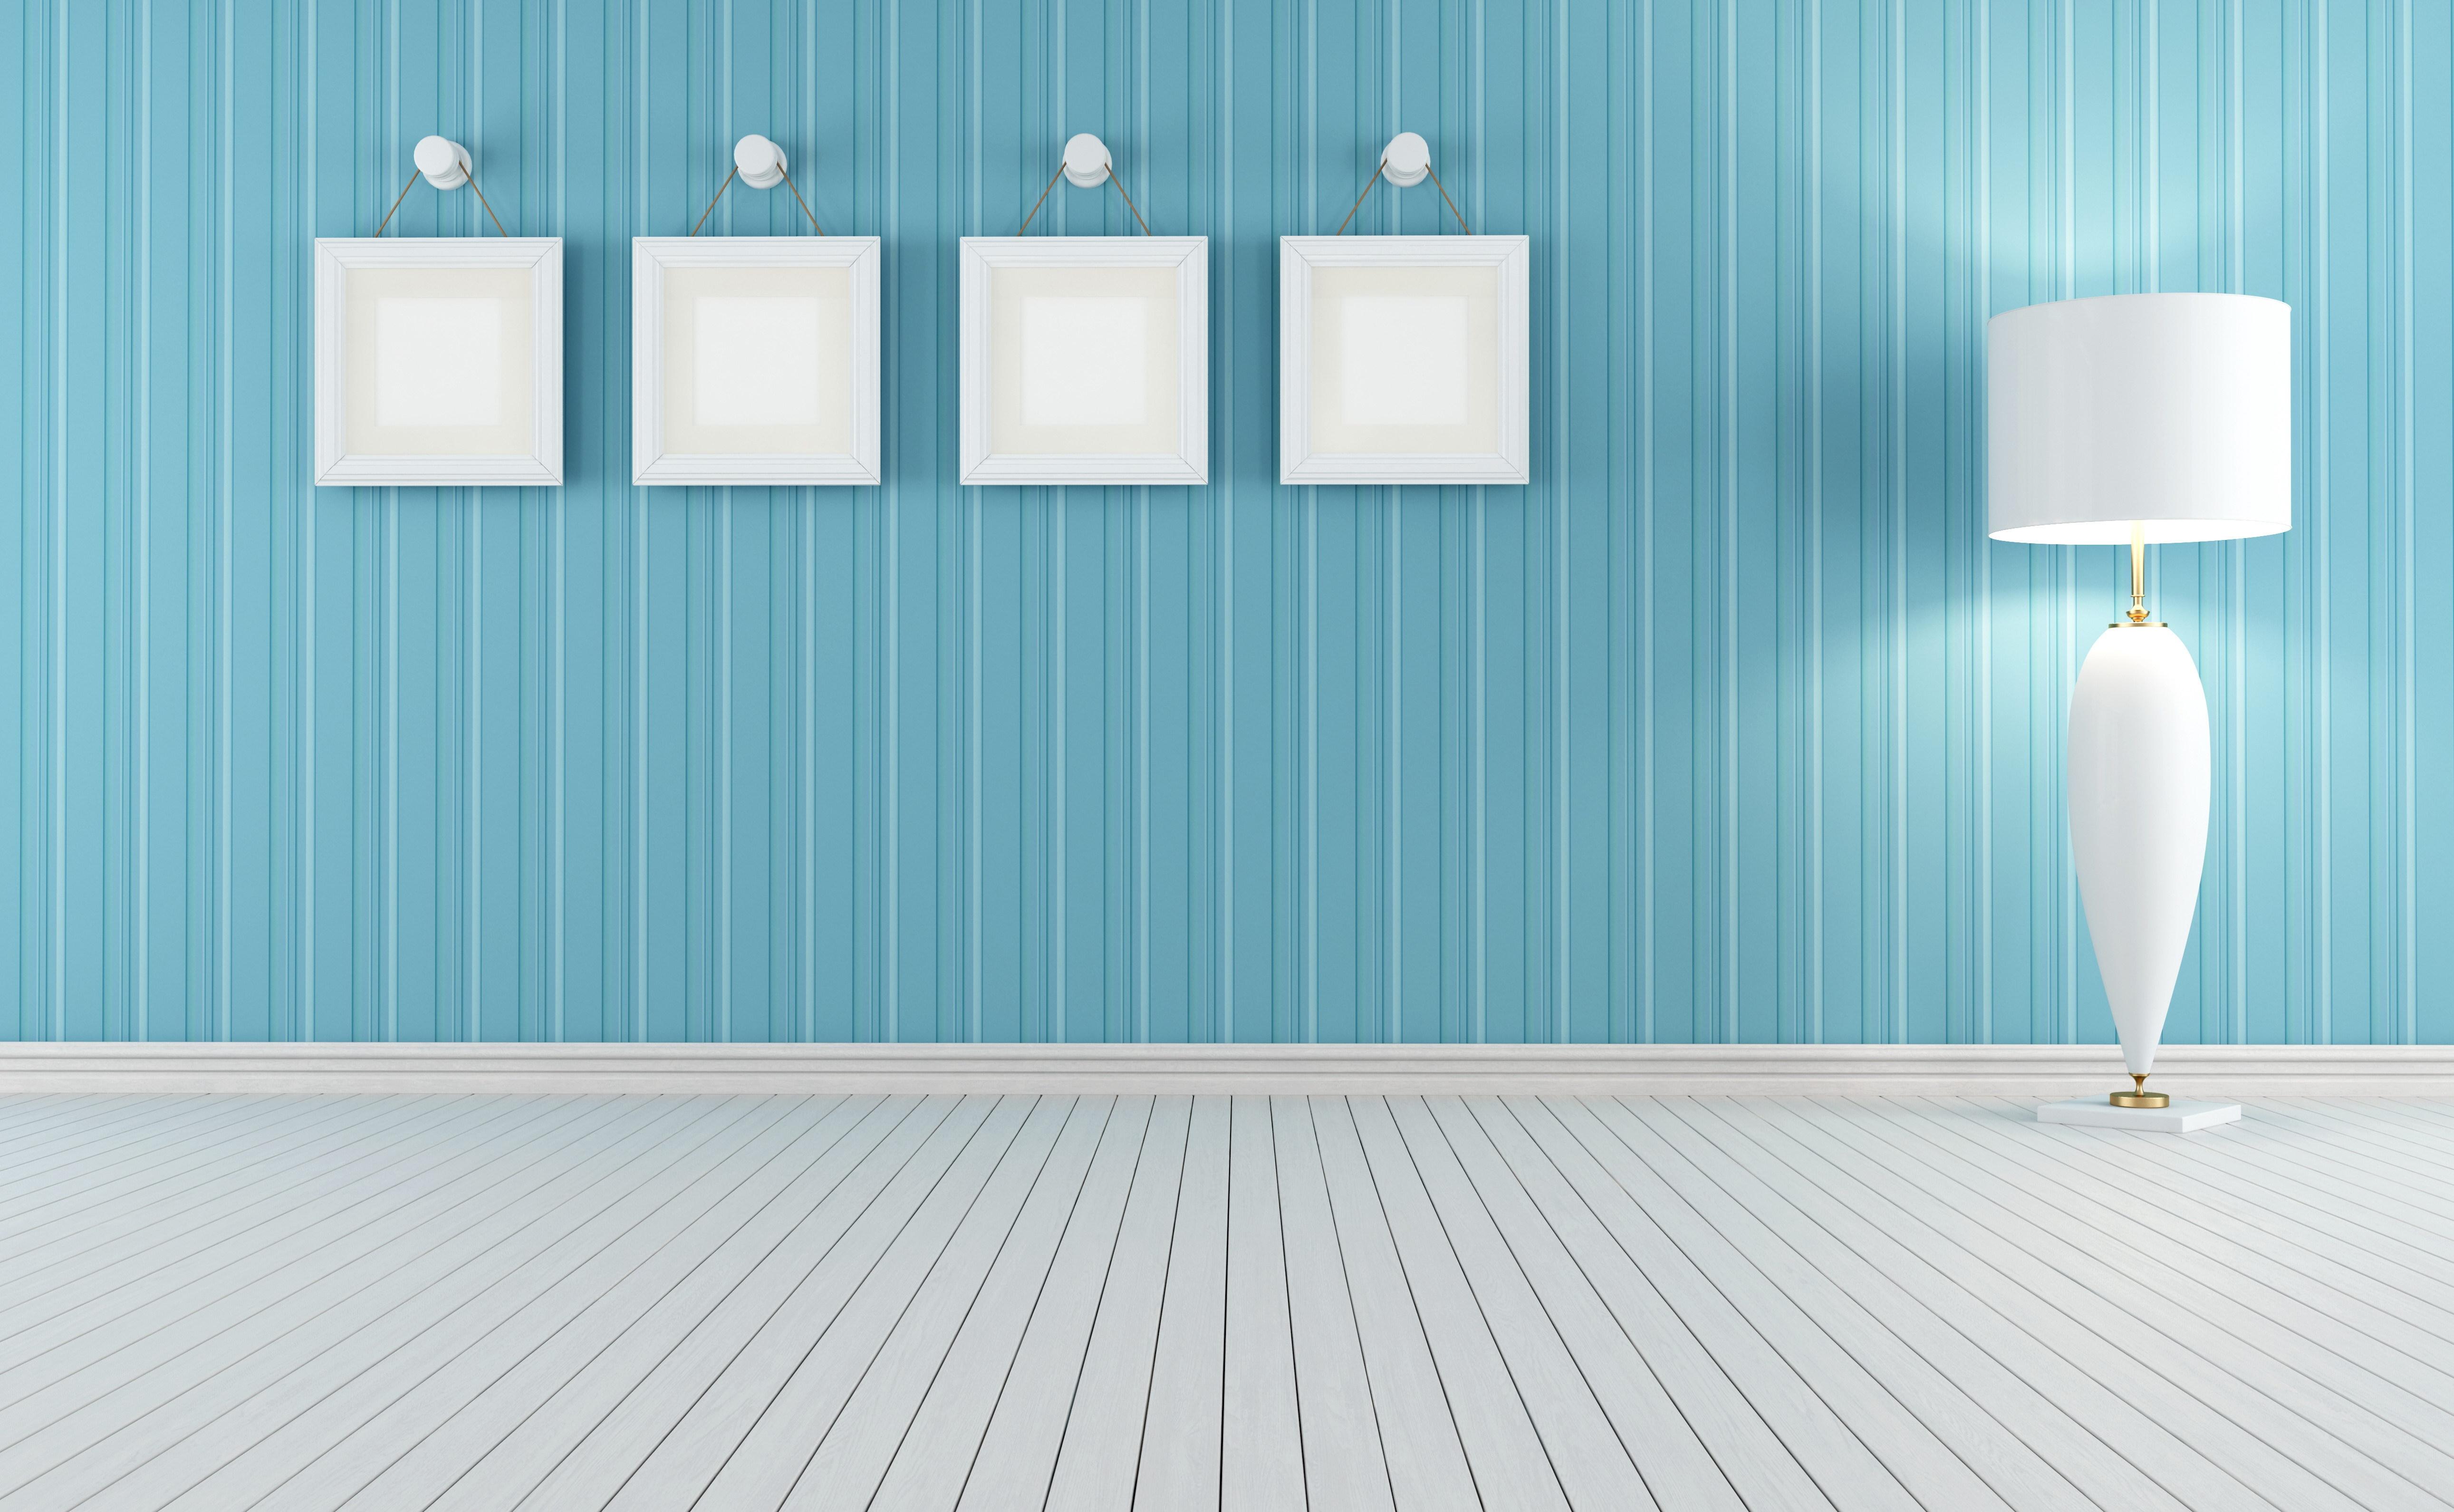 Wallpaper : white, wall, lamp, interior design, brand, lighting ...